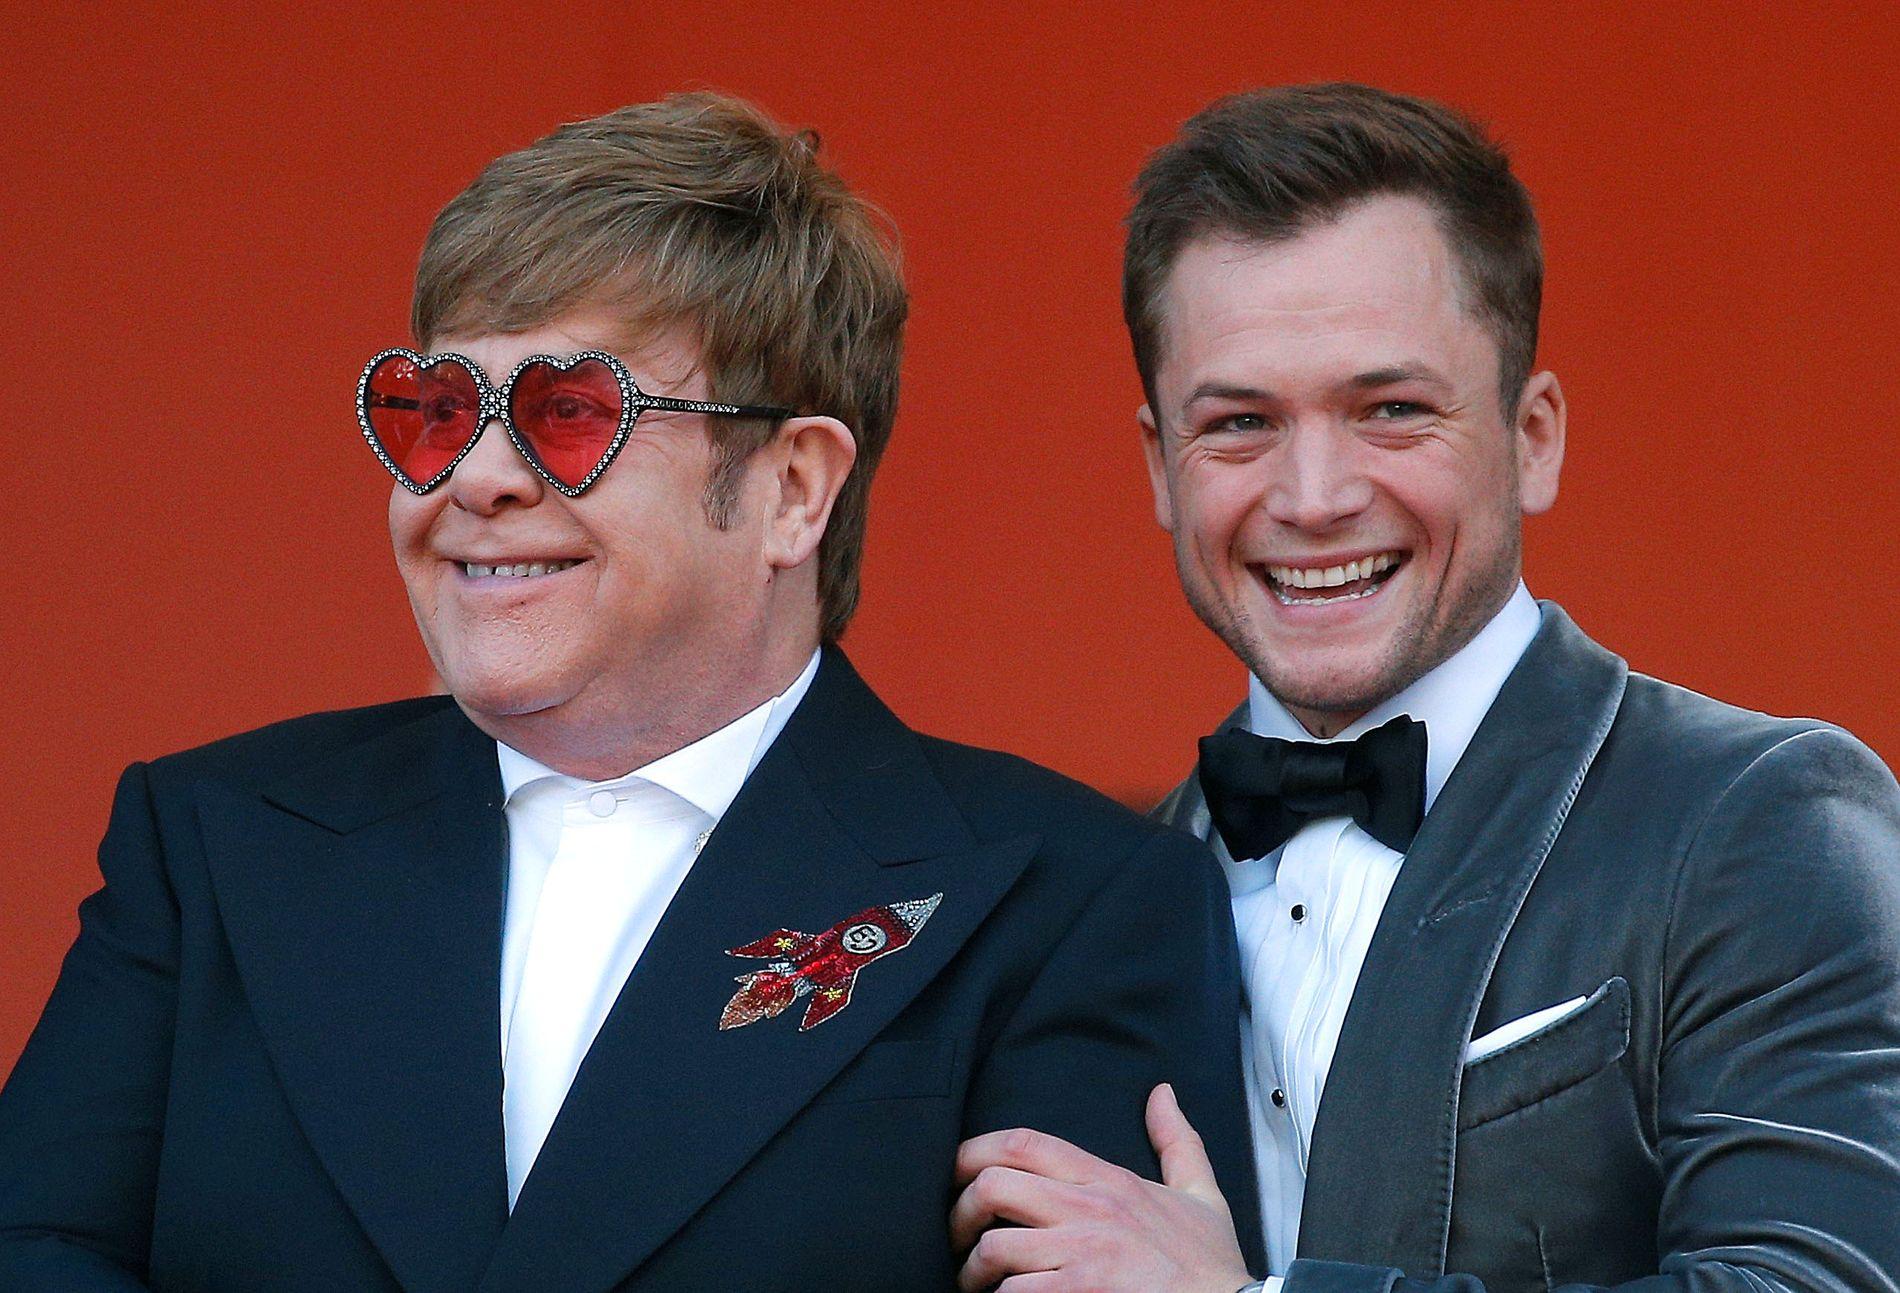 GODE VENNER: Elton John og Taron Egerton på den røde løperen i Cannes, der filmen hadde verdenspremiere.